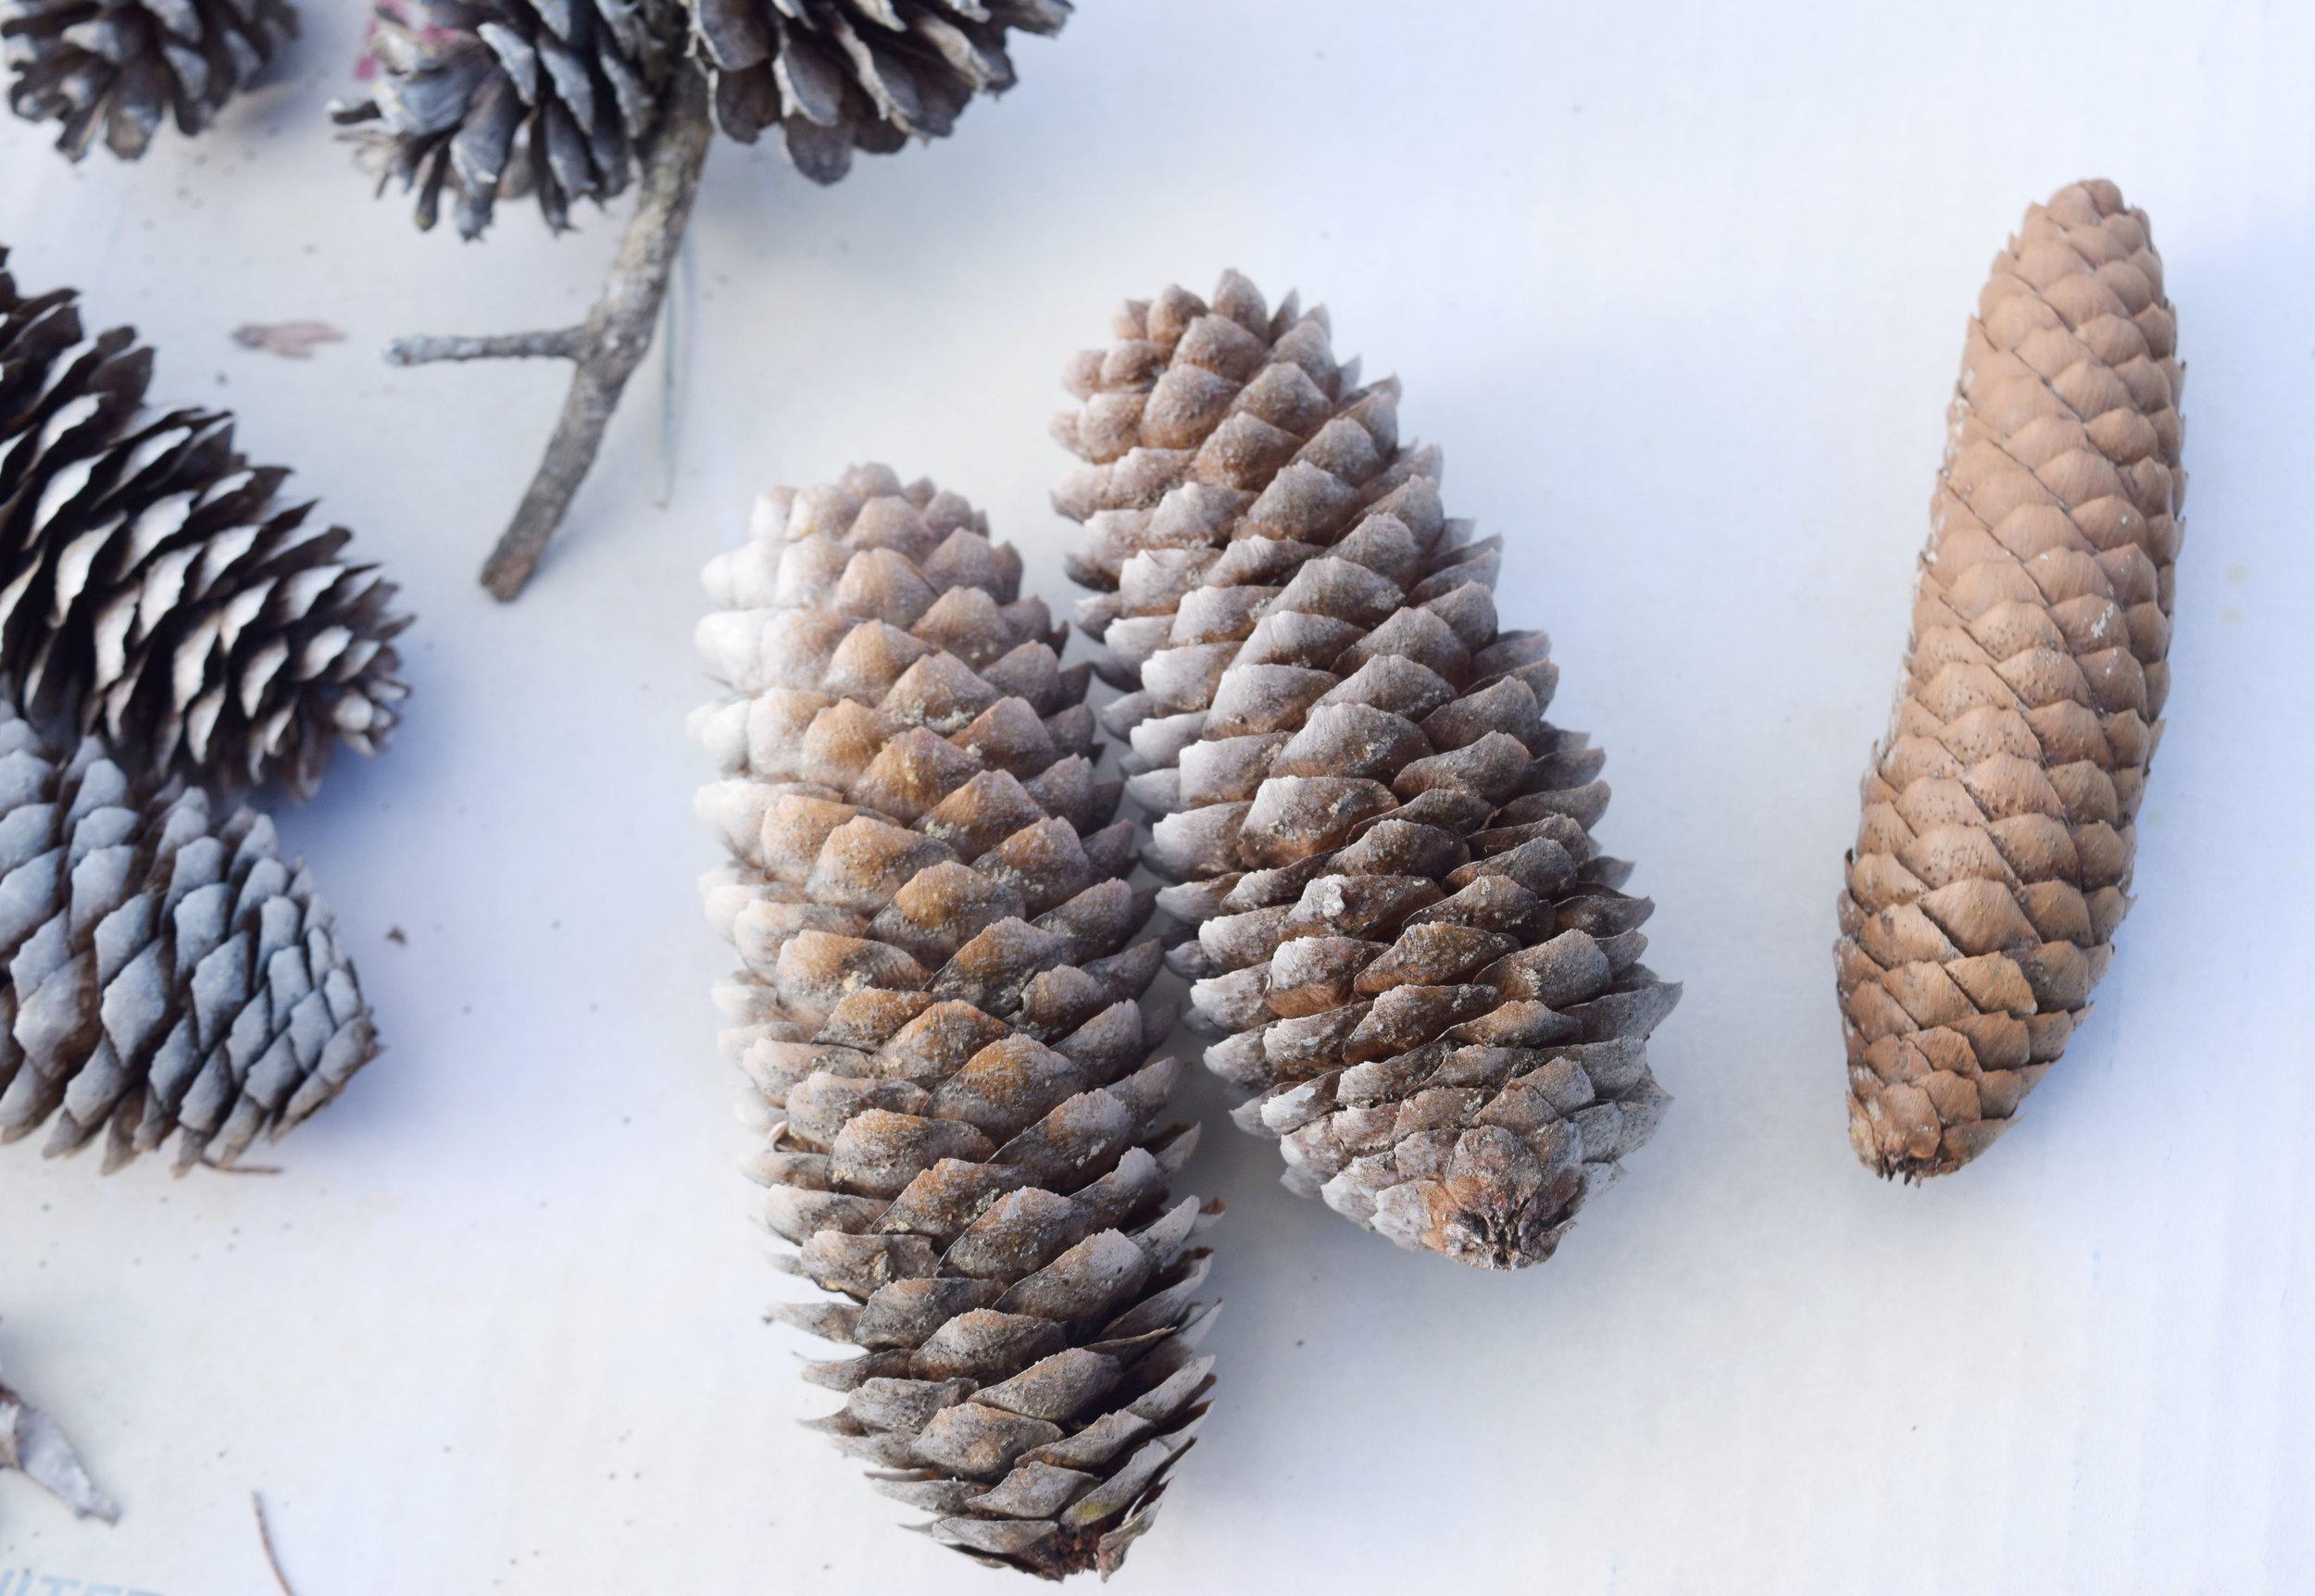 How to open pine cones